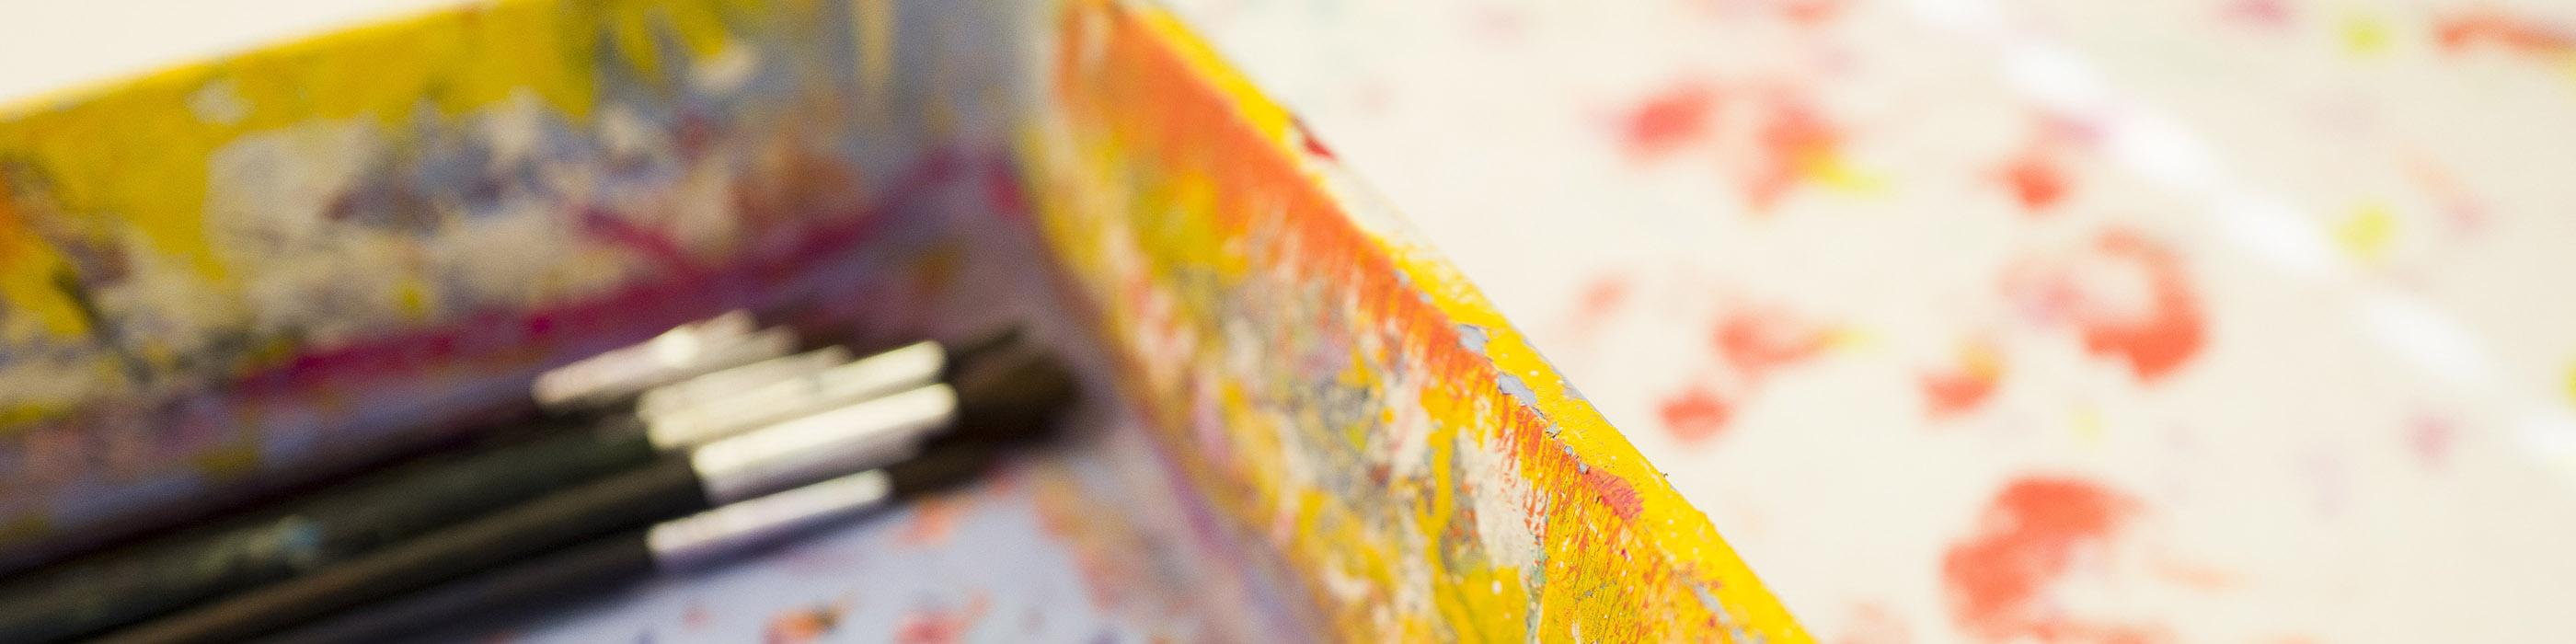 Kunst & Creatief werk Landlust